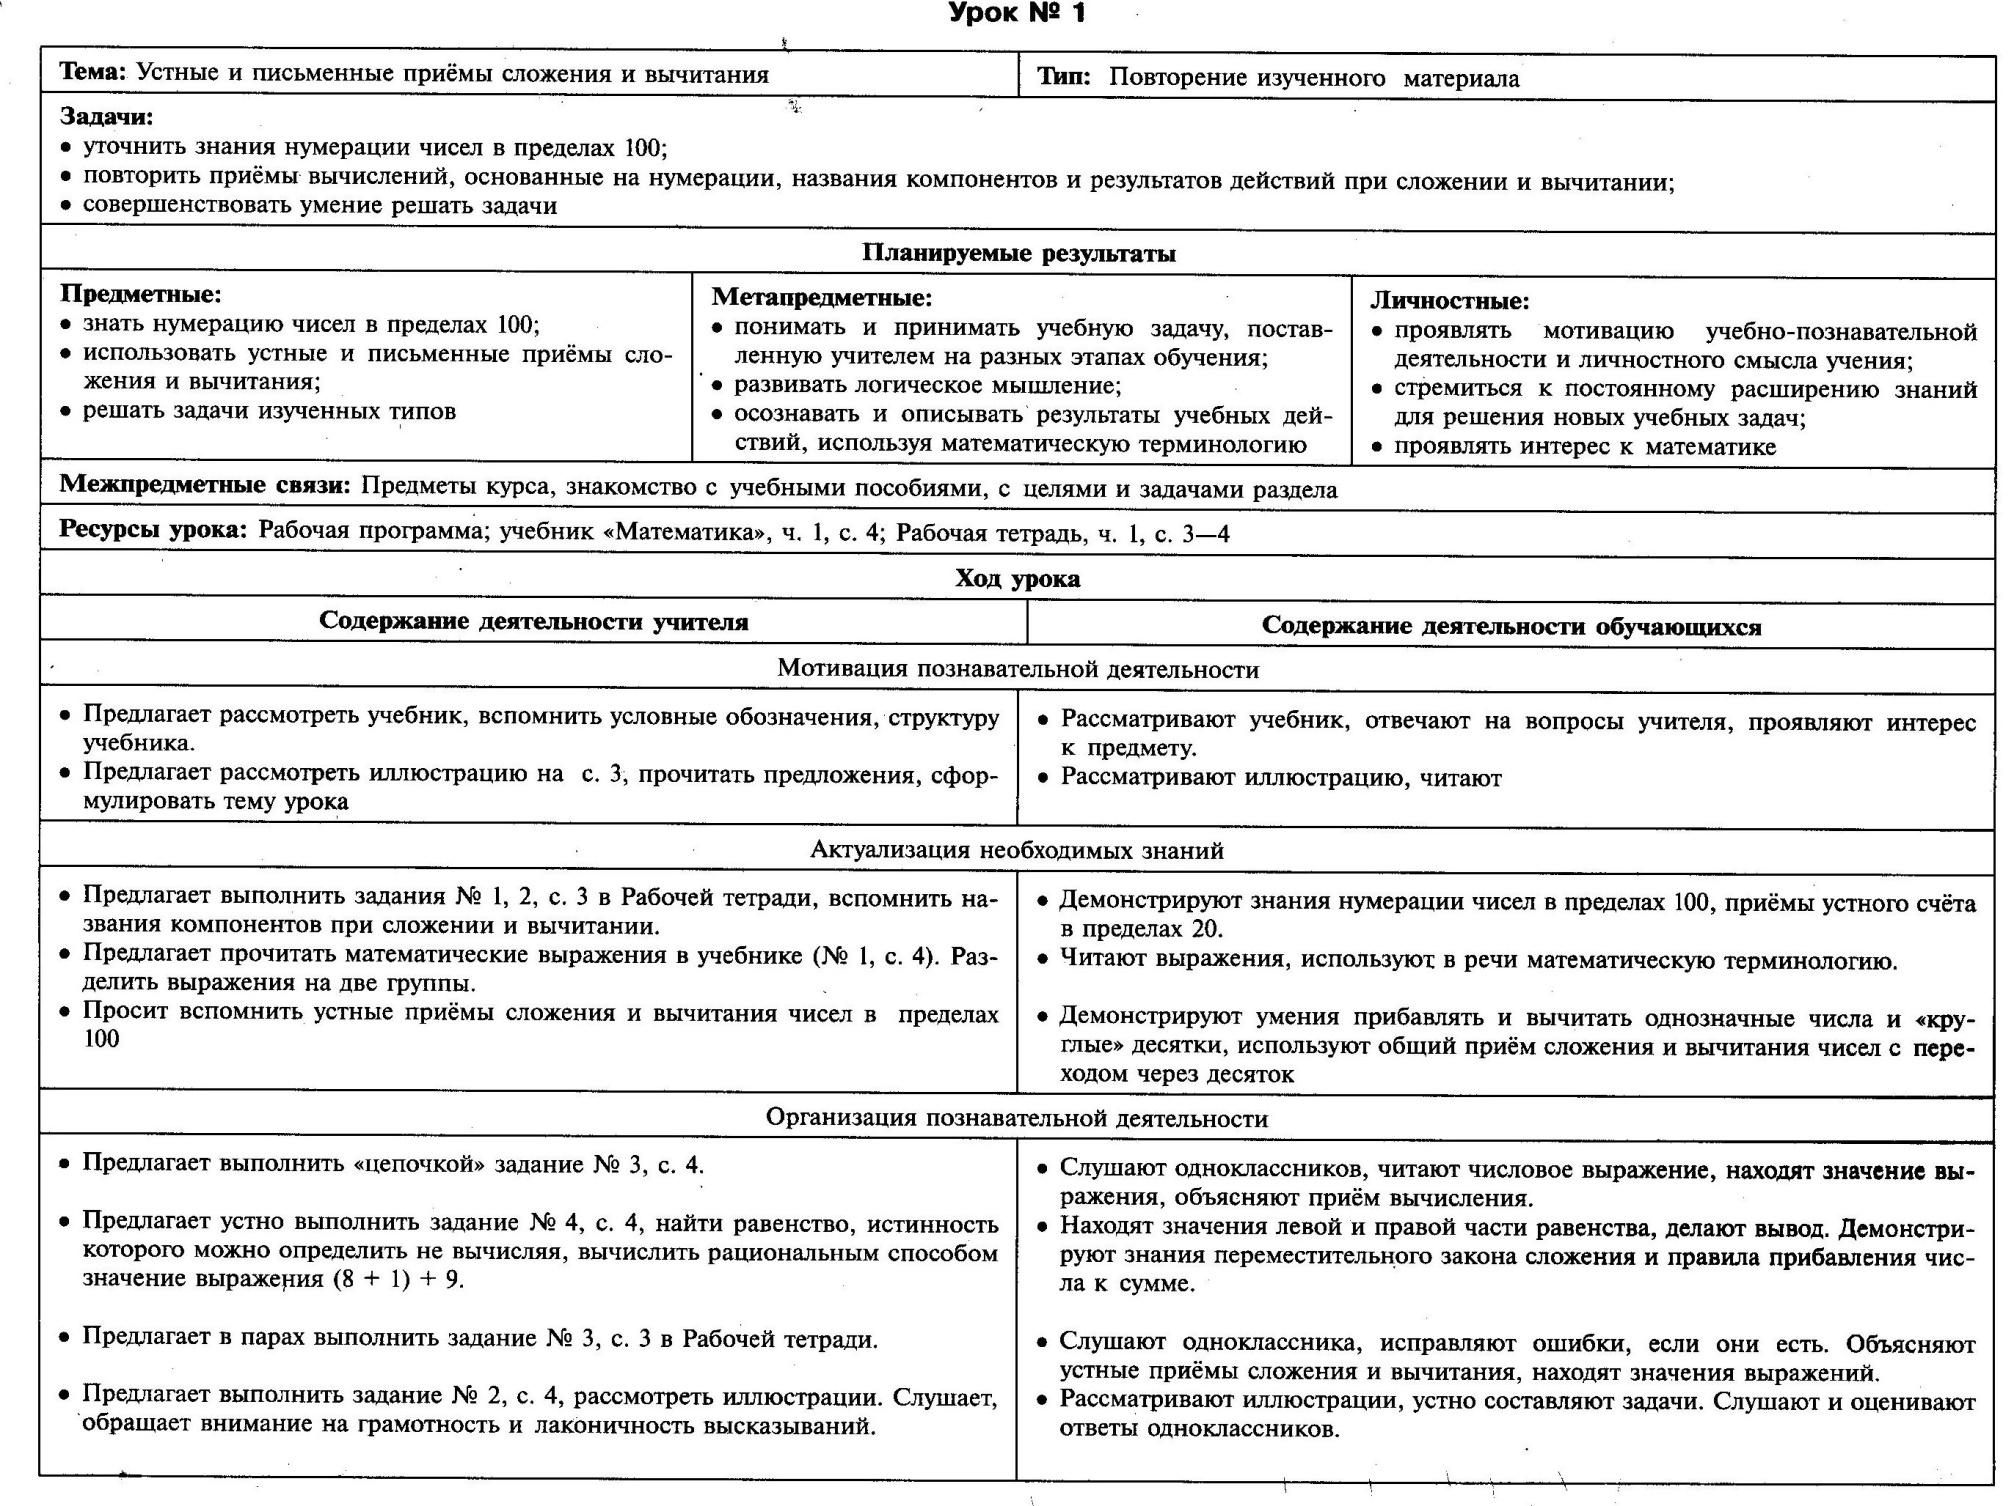 C:\Documents and Settings\Admin\Мои документы\Мои рисунки\1241.jpg